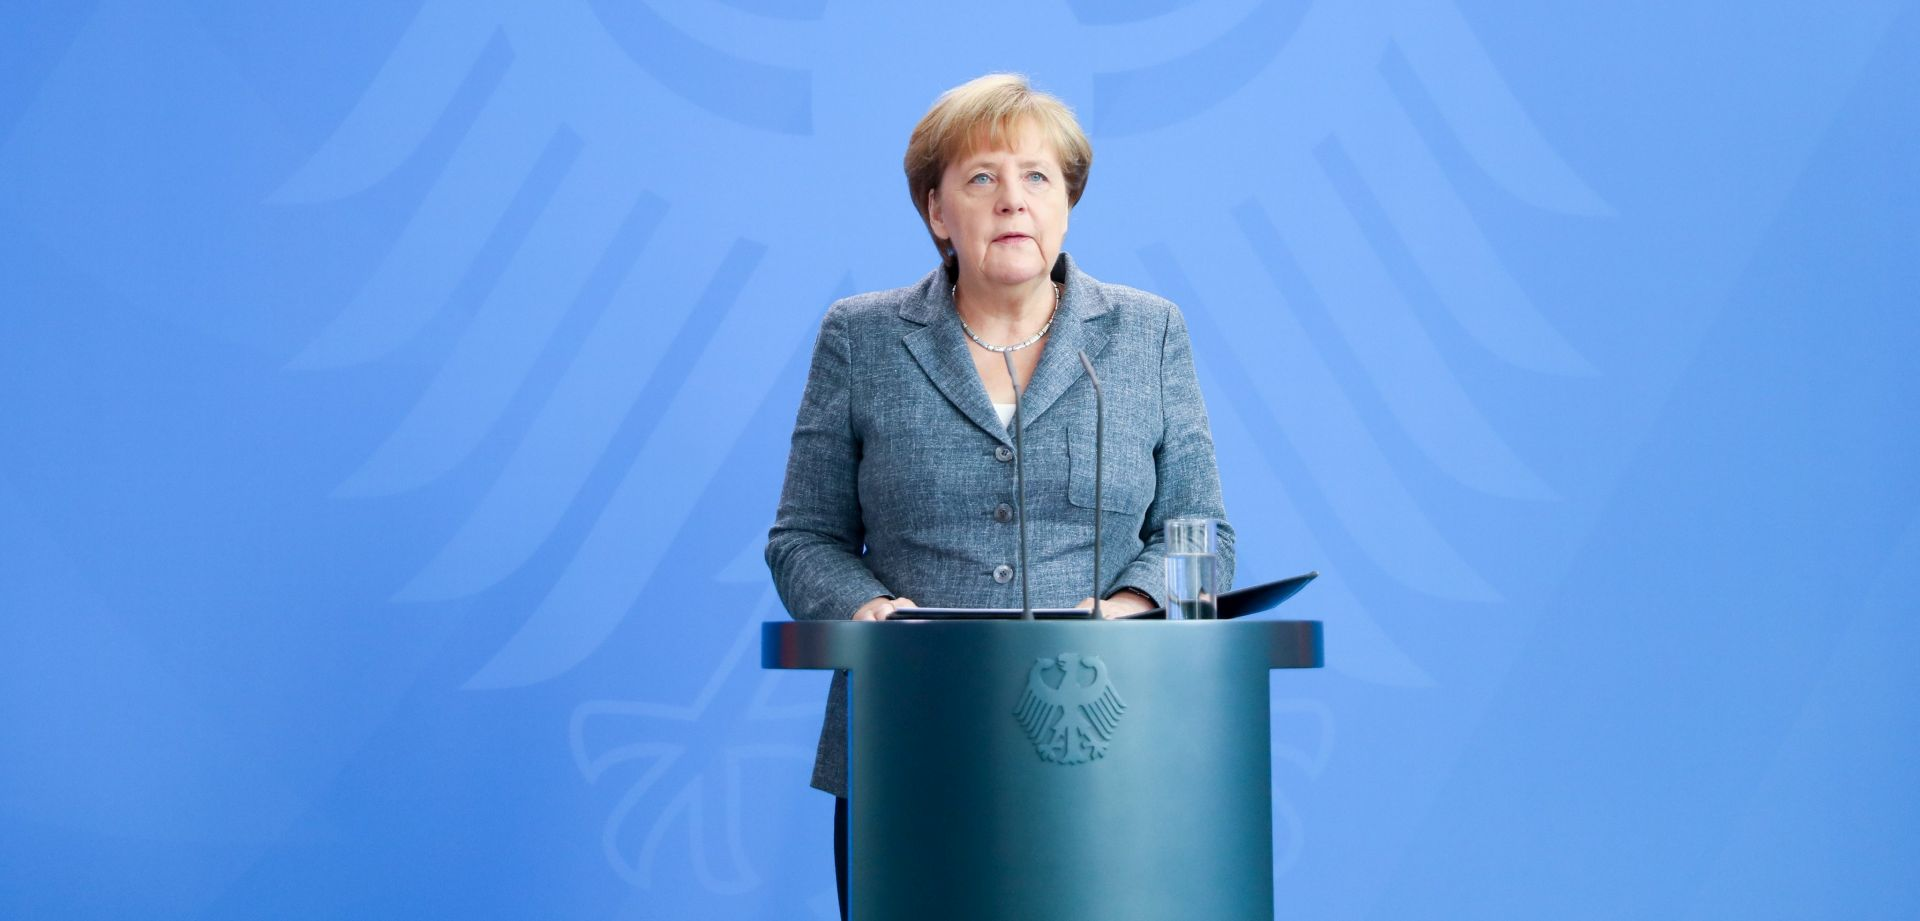 Očekuje se da će Merkel u nedjelju reći hoće li se natjecati za kancelarku 2017.